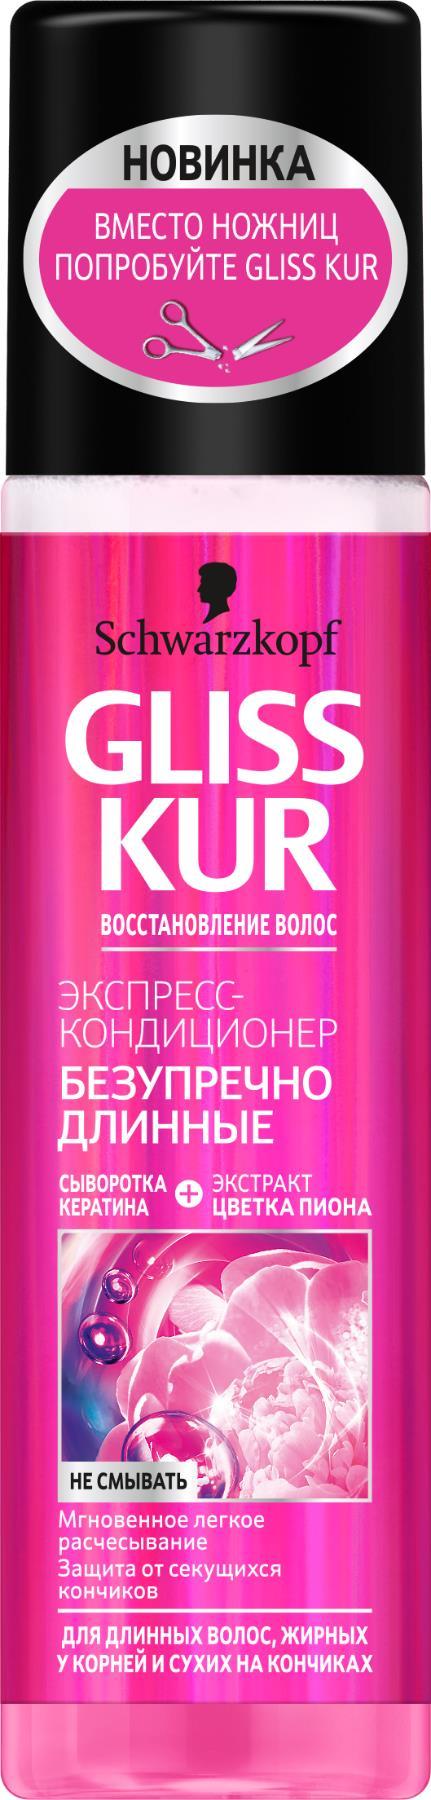 Gliss Kur Экспресс-кондиционер Безупречно длинные, 200 мл цена 2017